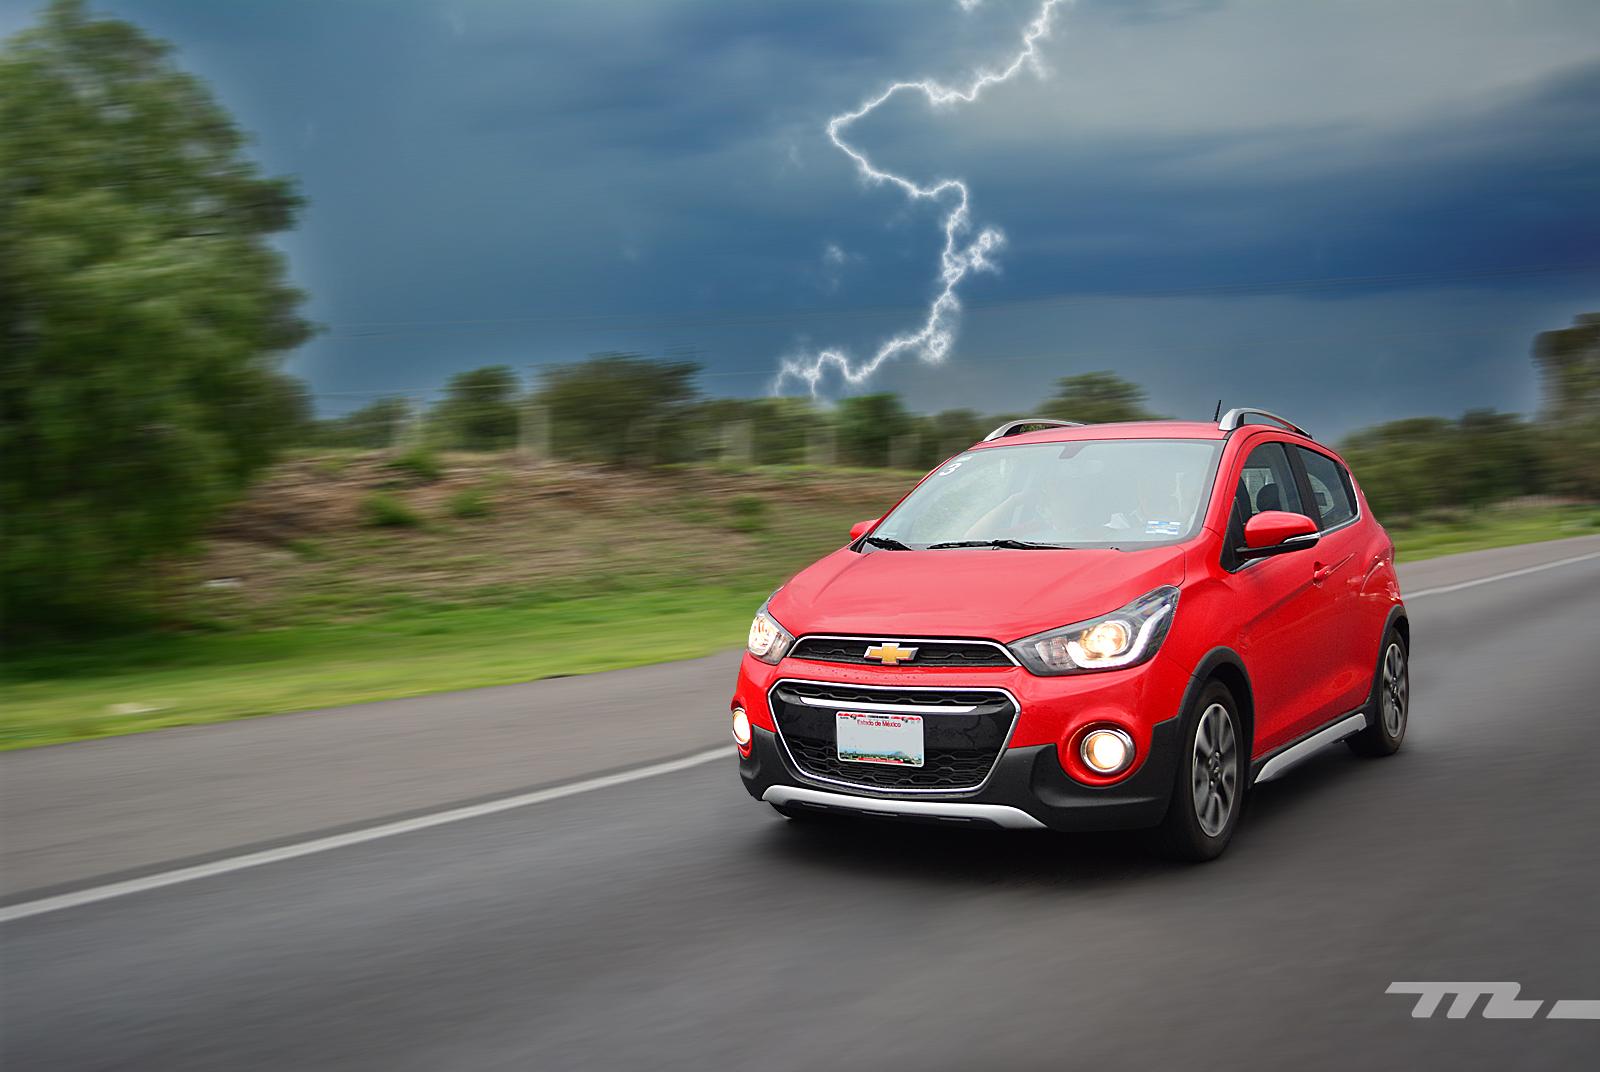 Manejamos el Chevrolet Spark Activ, ¿tiene sentido más ...